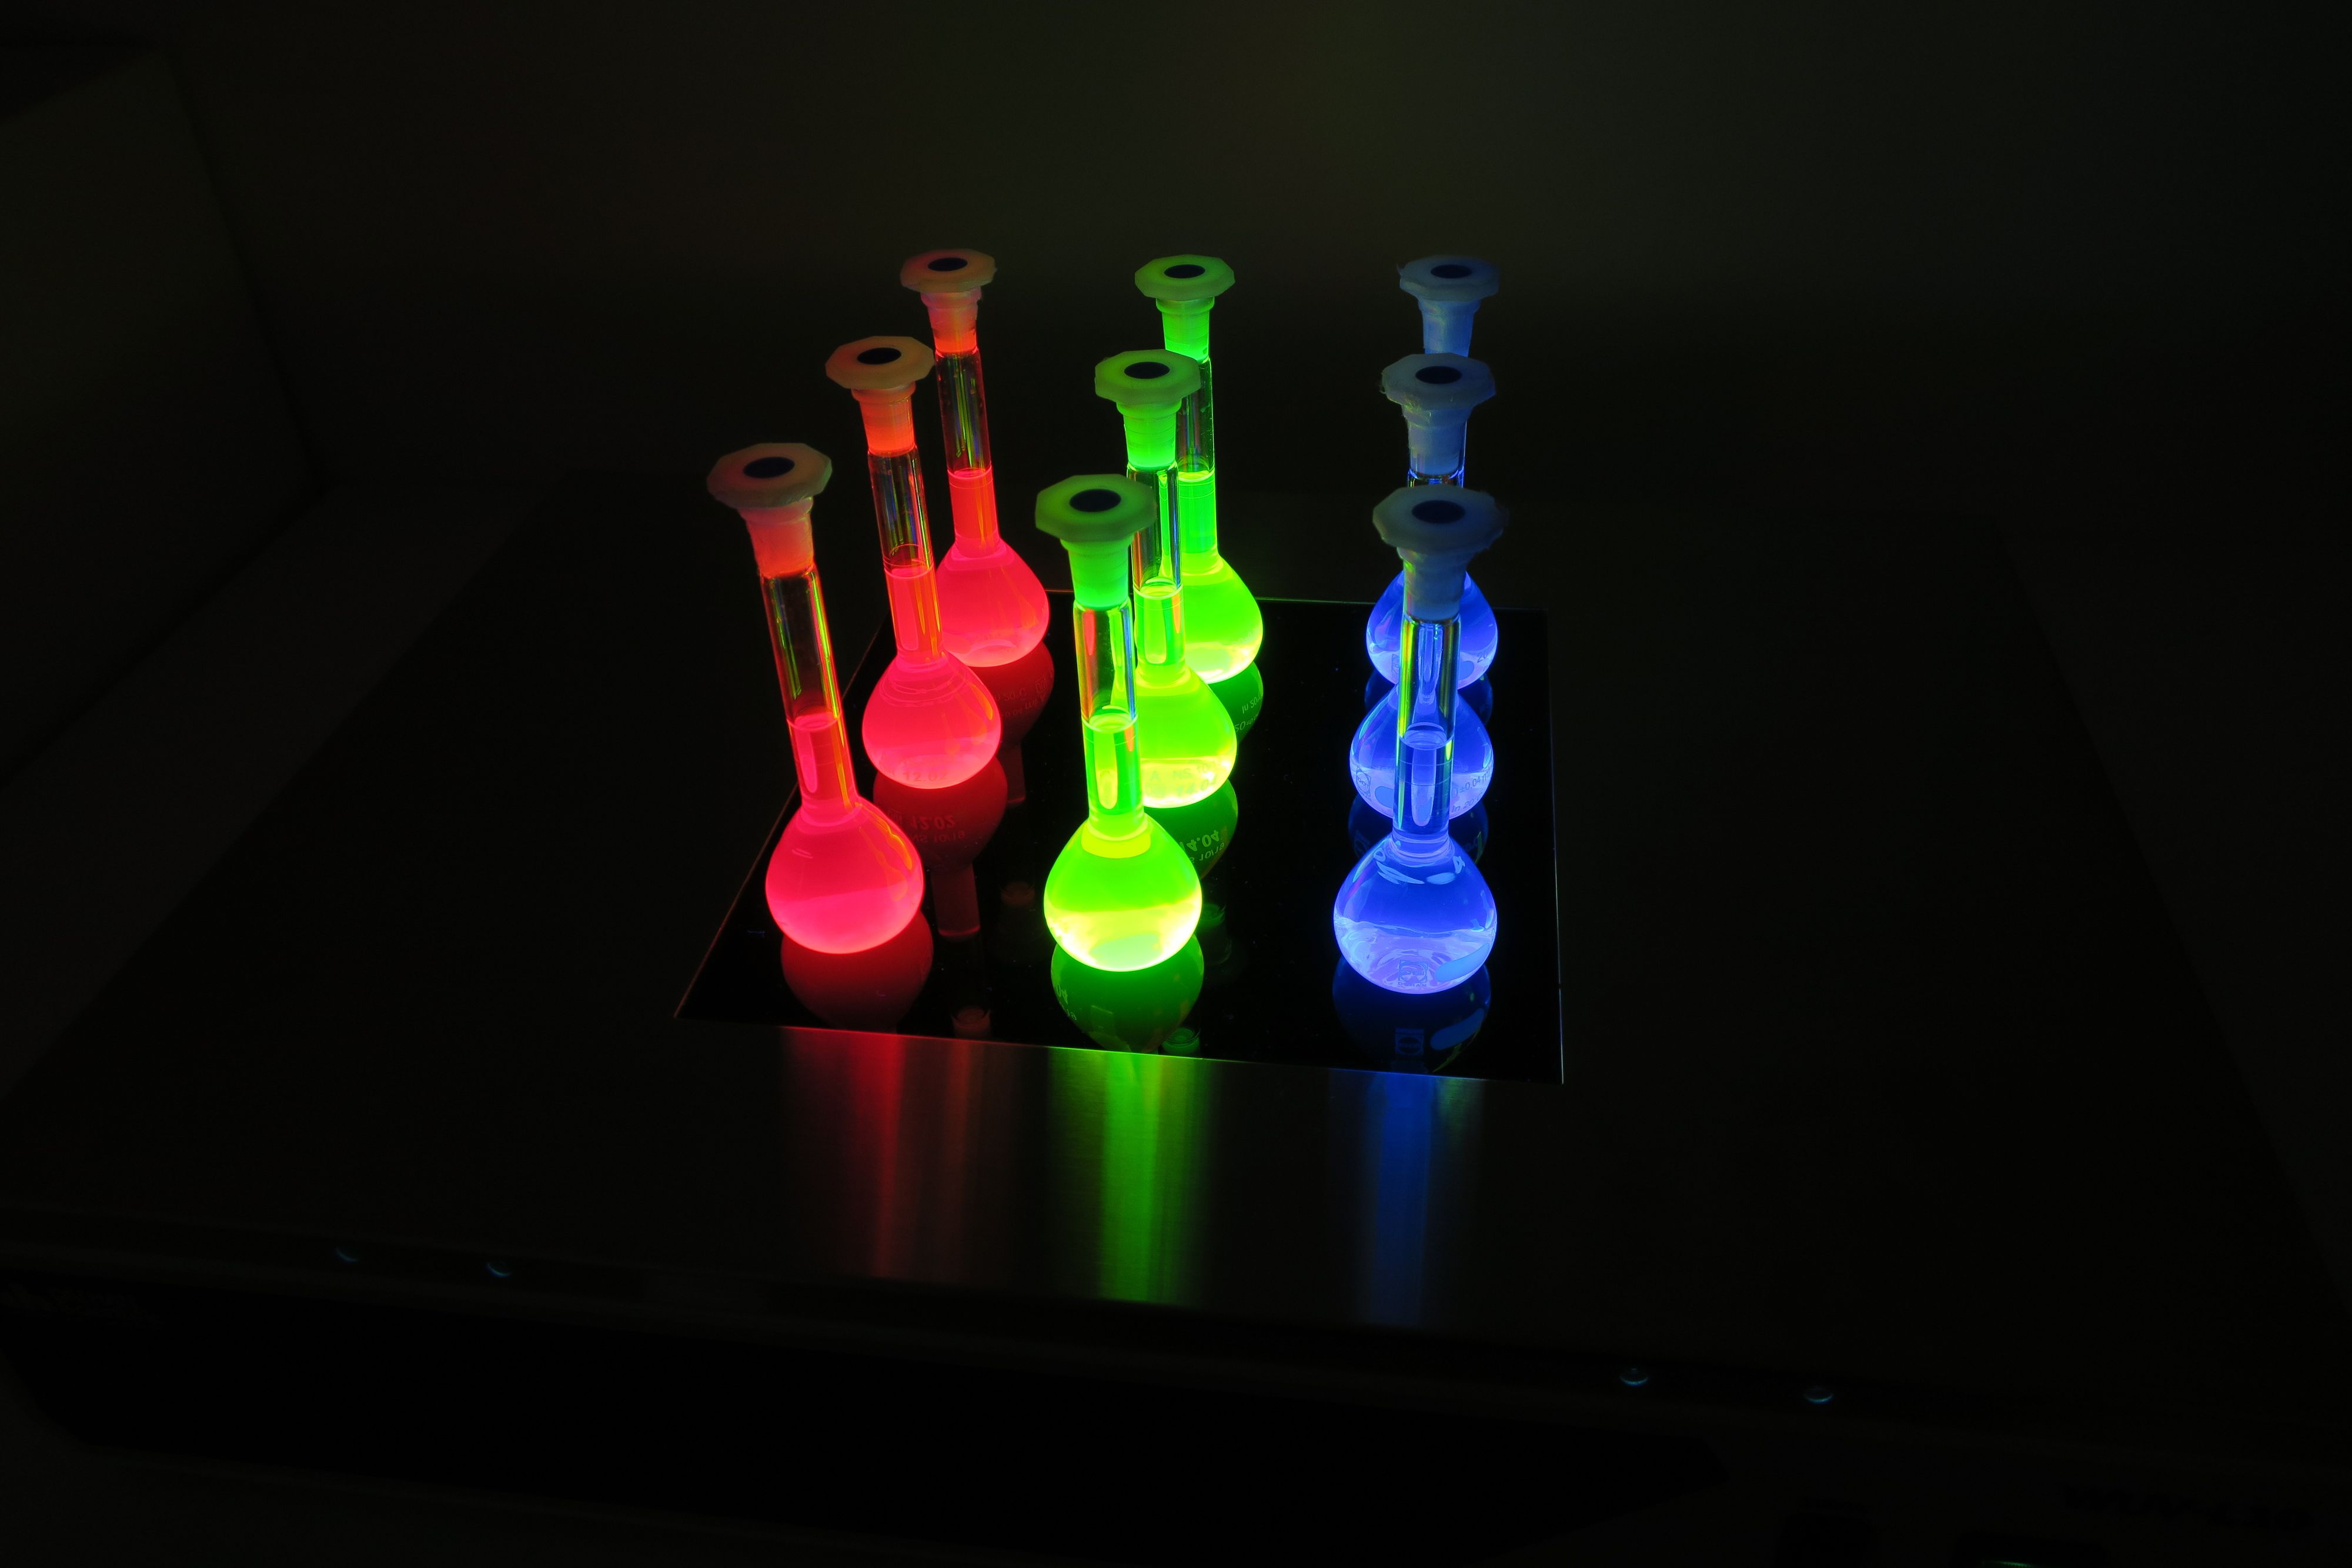 Her ser du flasker fylt med forskjellige størrelser kvanteprikker. Tilføy litt lys og fargene våkner til liv.